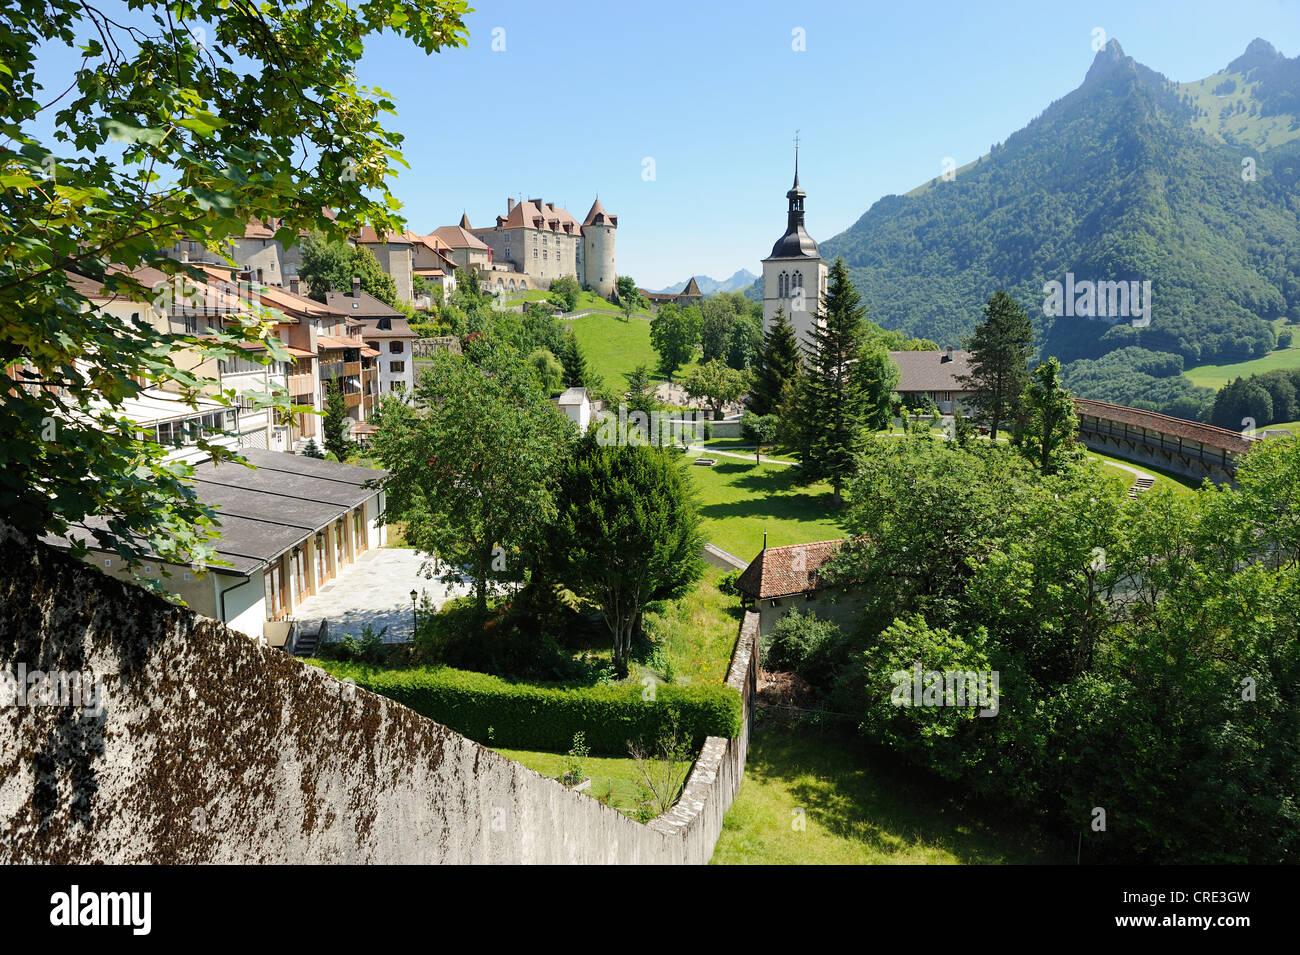 Vecchie mura intorno alla cittadina medievale di Gruyères, Friburgo, Svizzera, Europa Immagini Stock